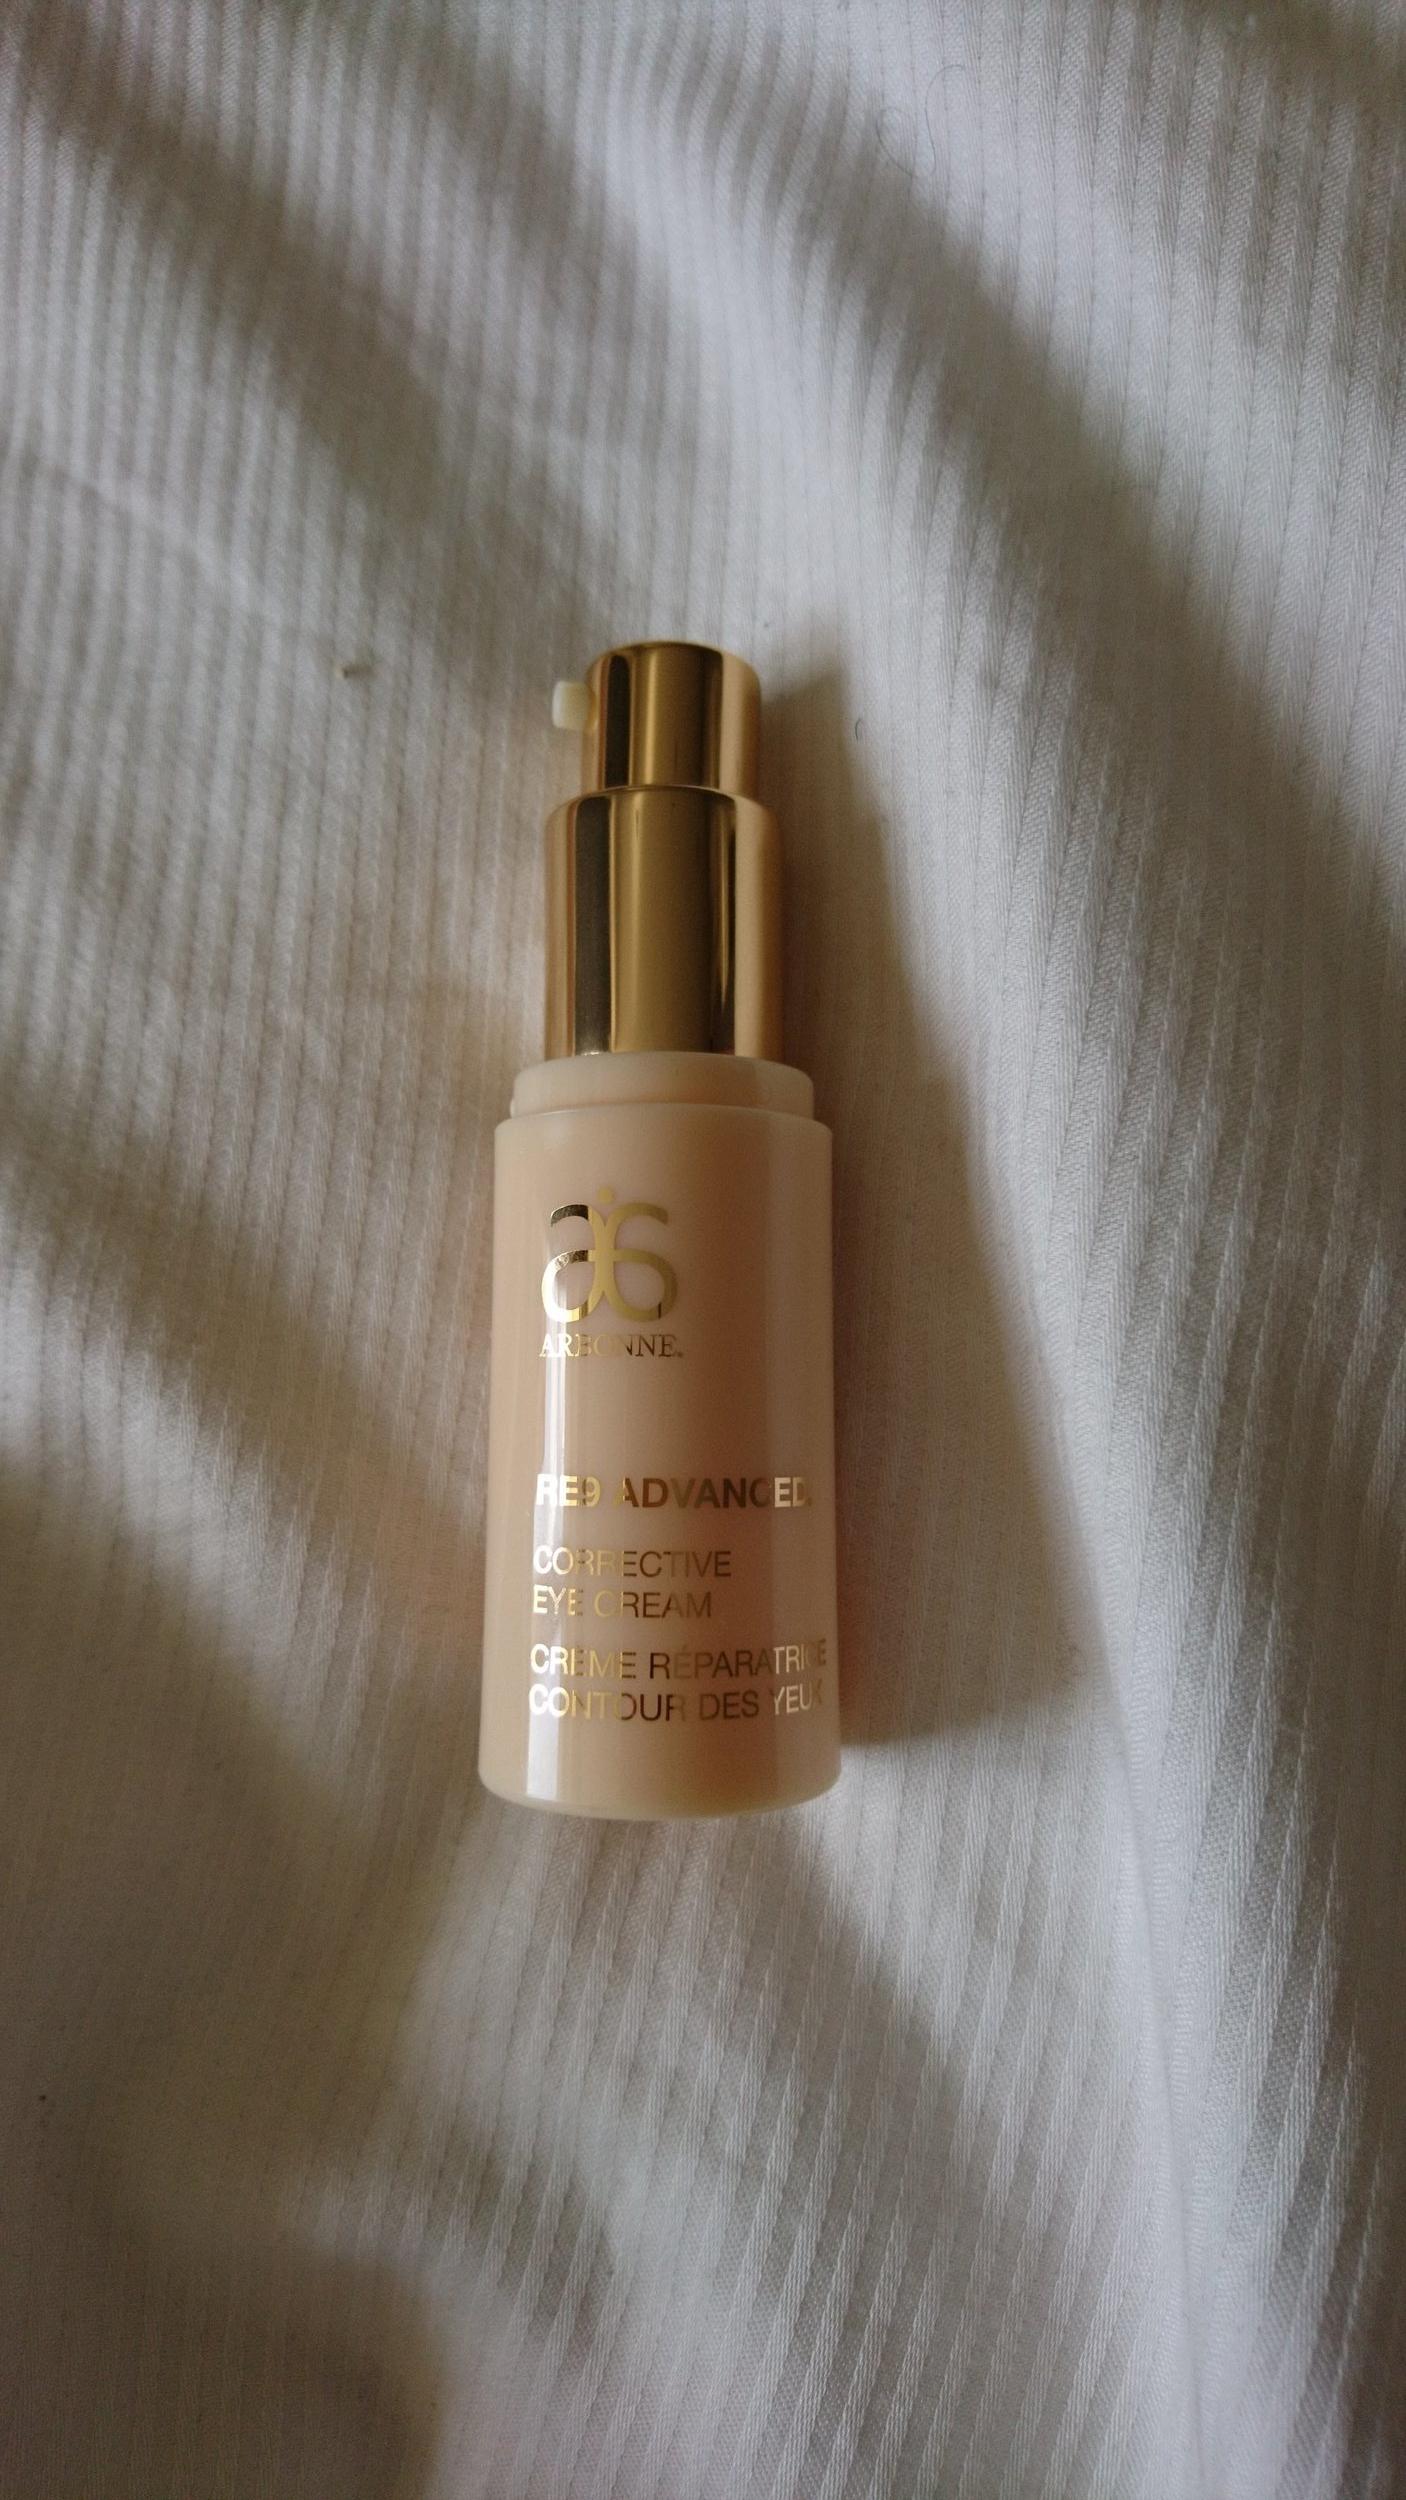 RE9 Corrective Eye Cream